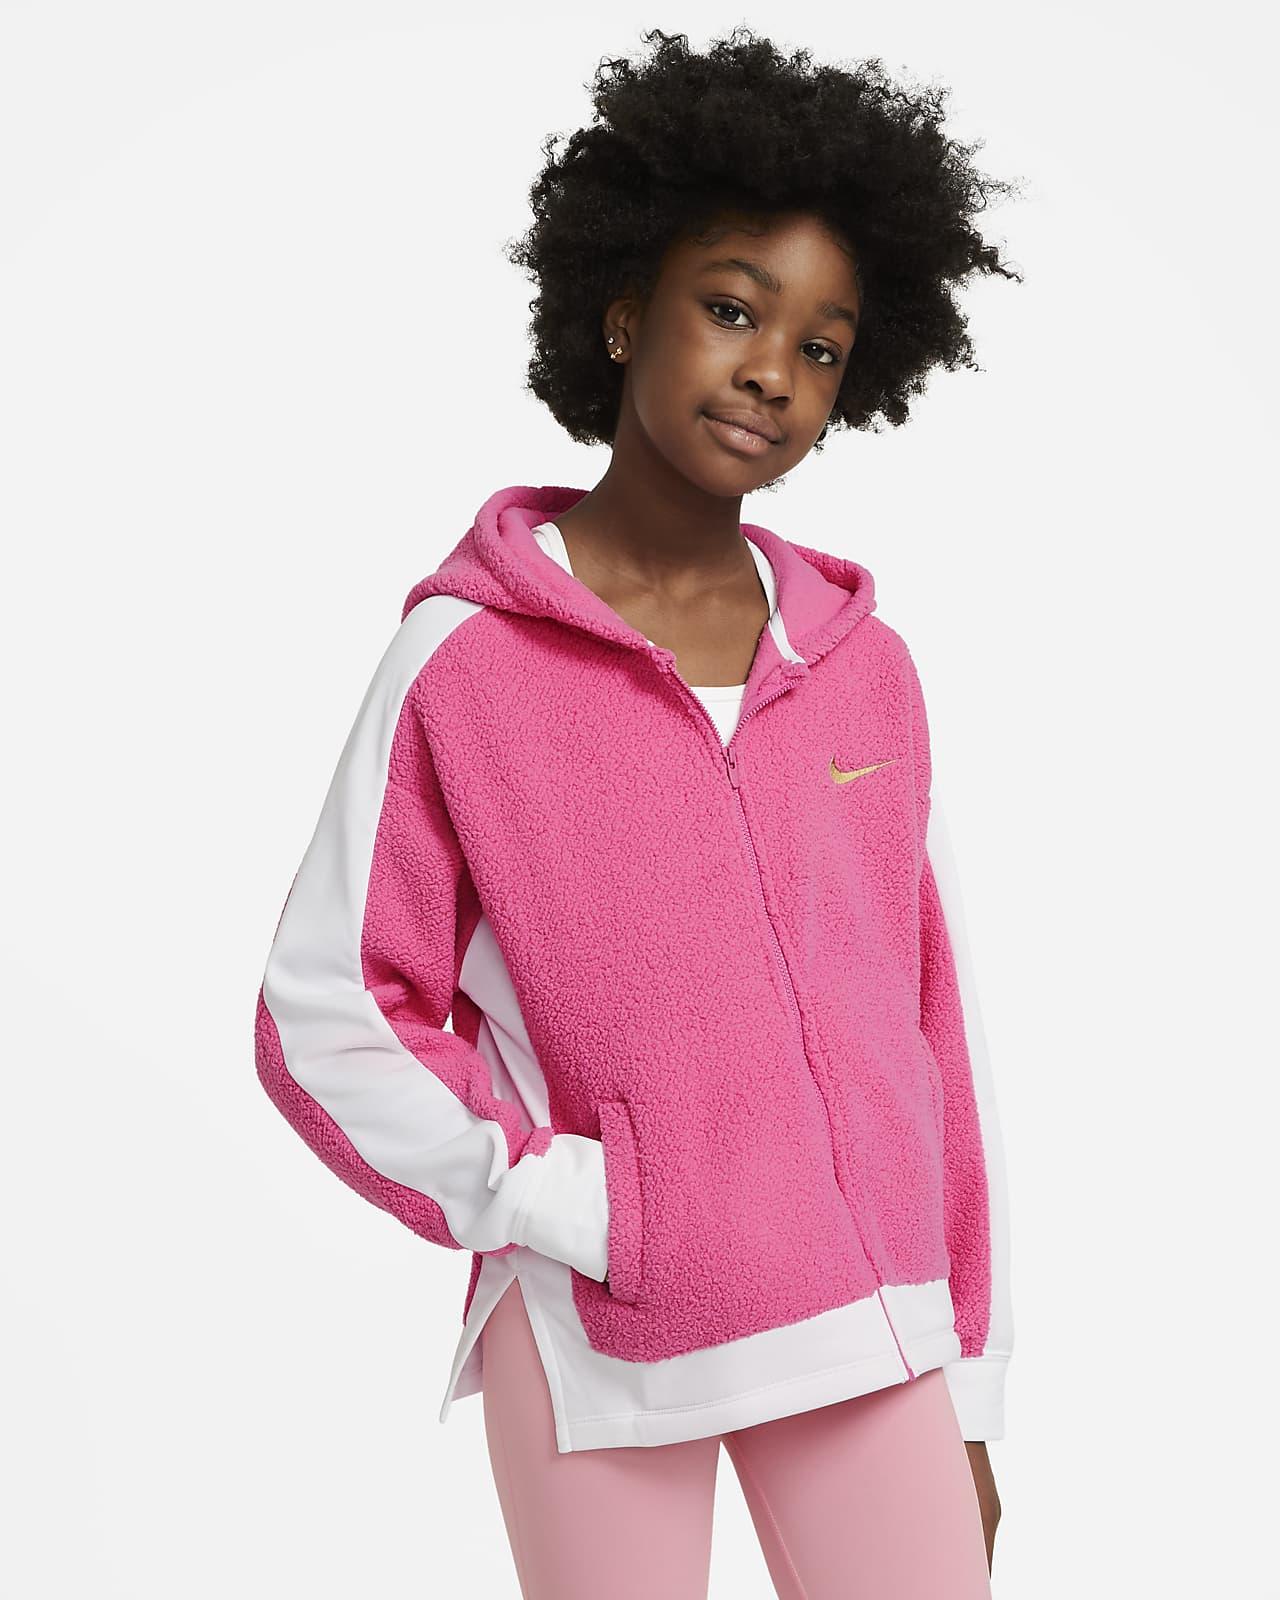 Худи для тренинга с молнией во всю длину для девочек школьного возраста Nike Therma